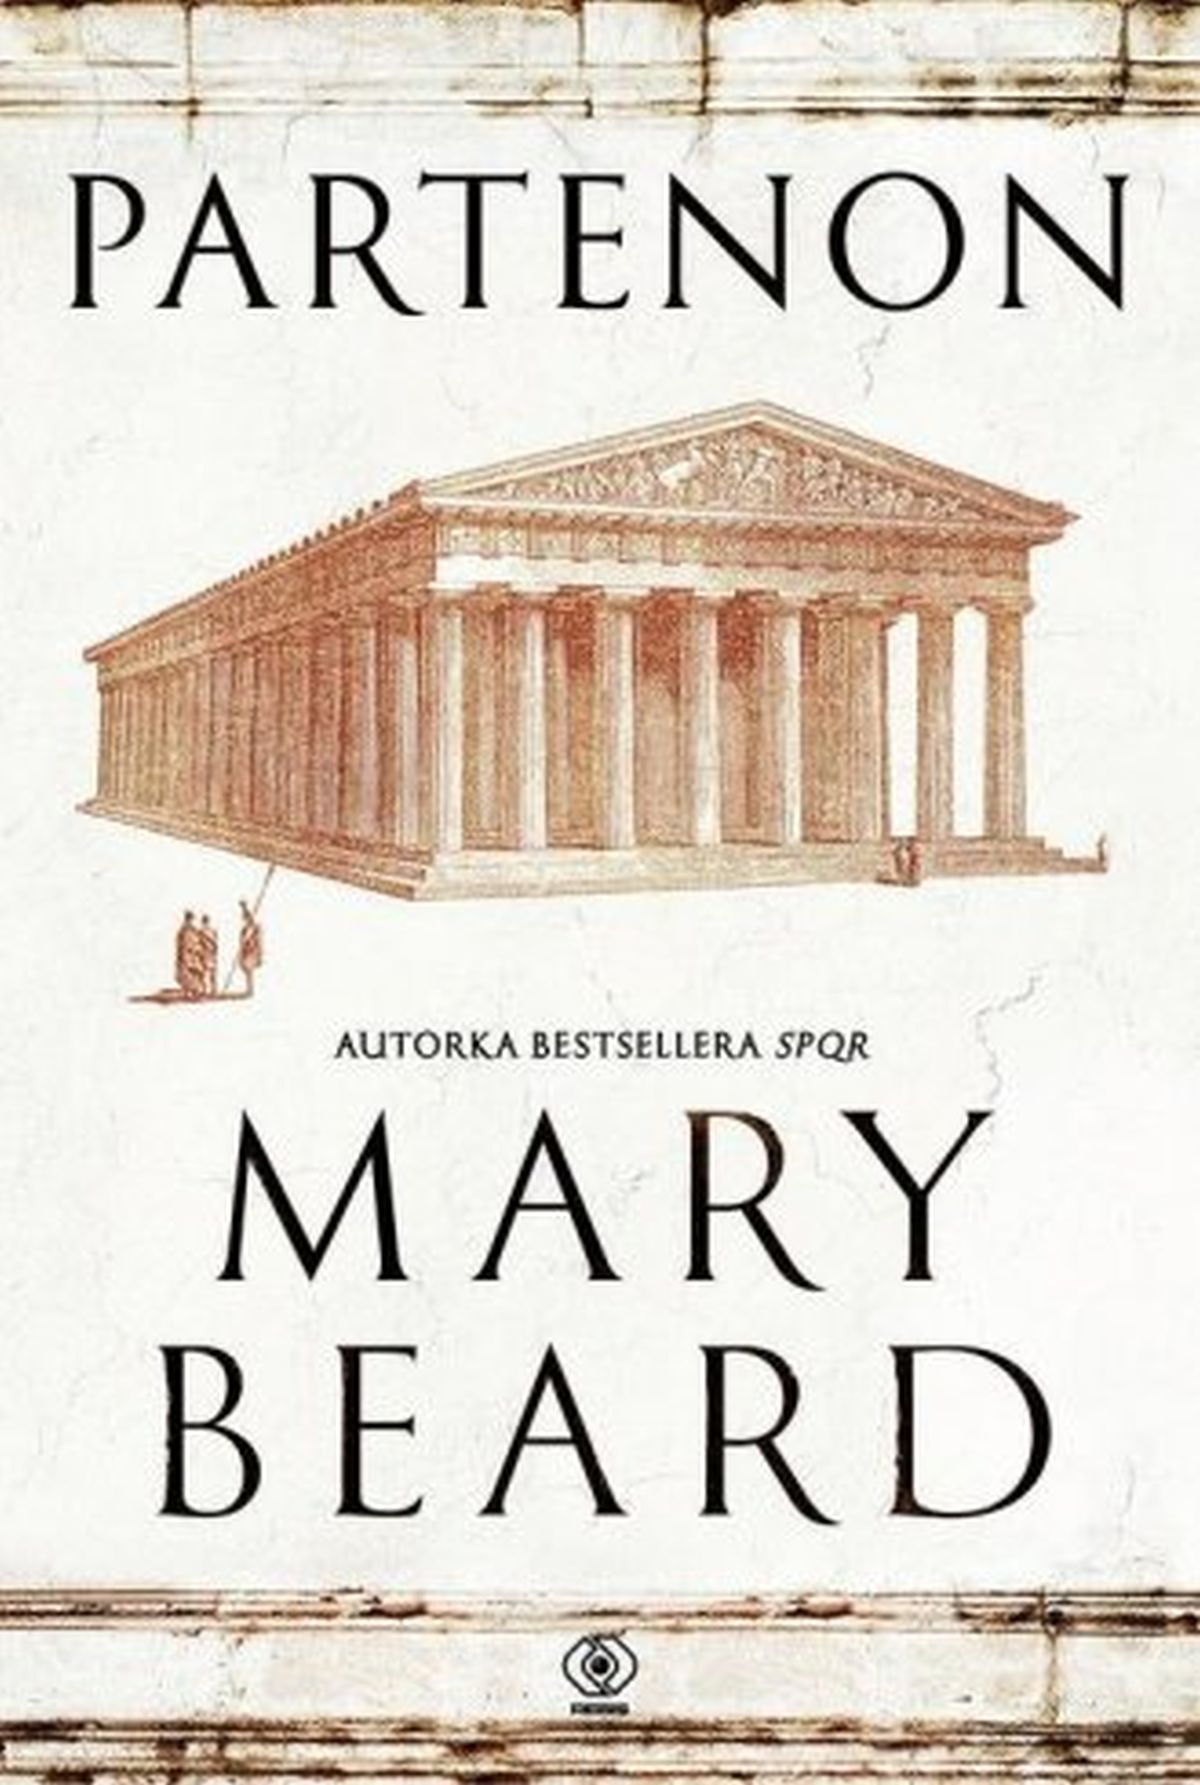 Mary Beard, Partenon